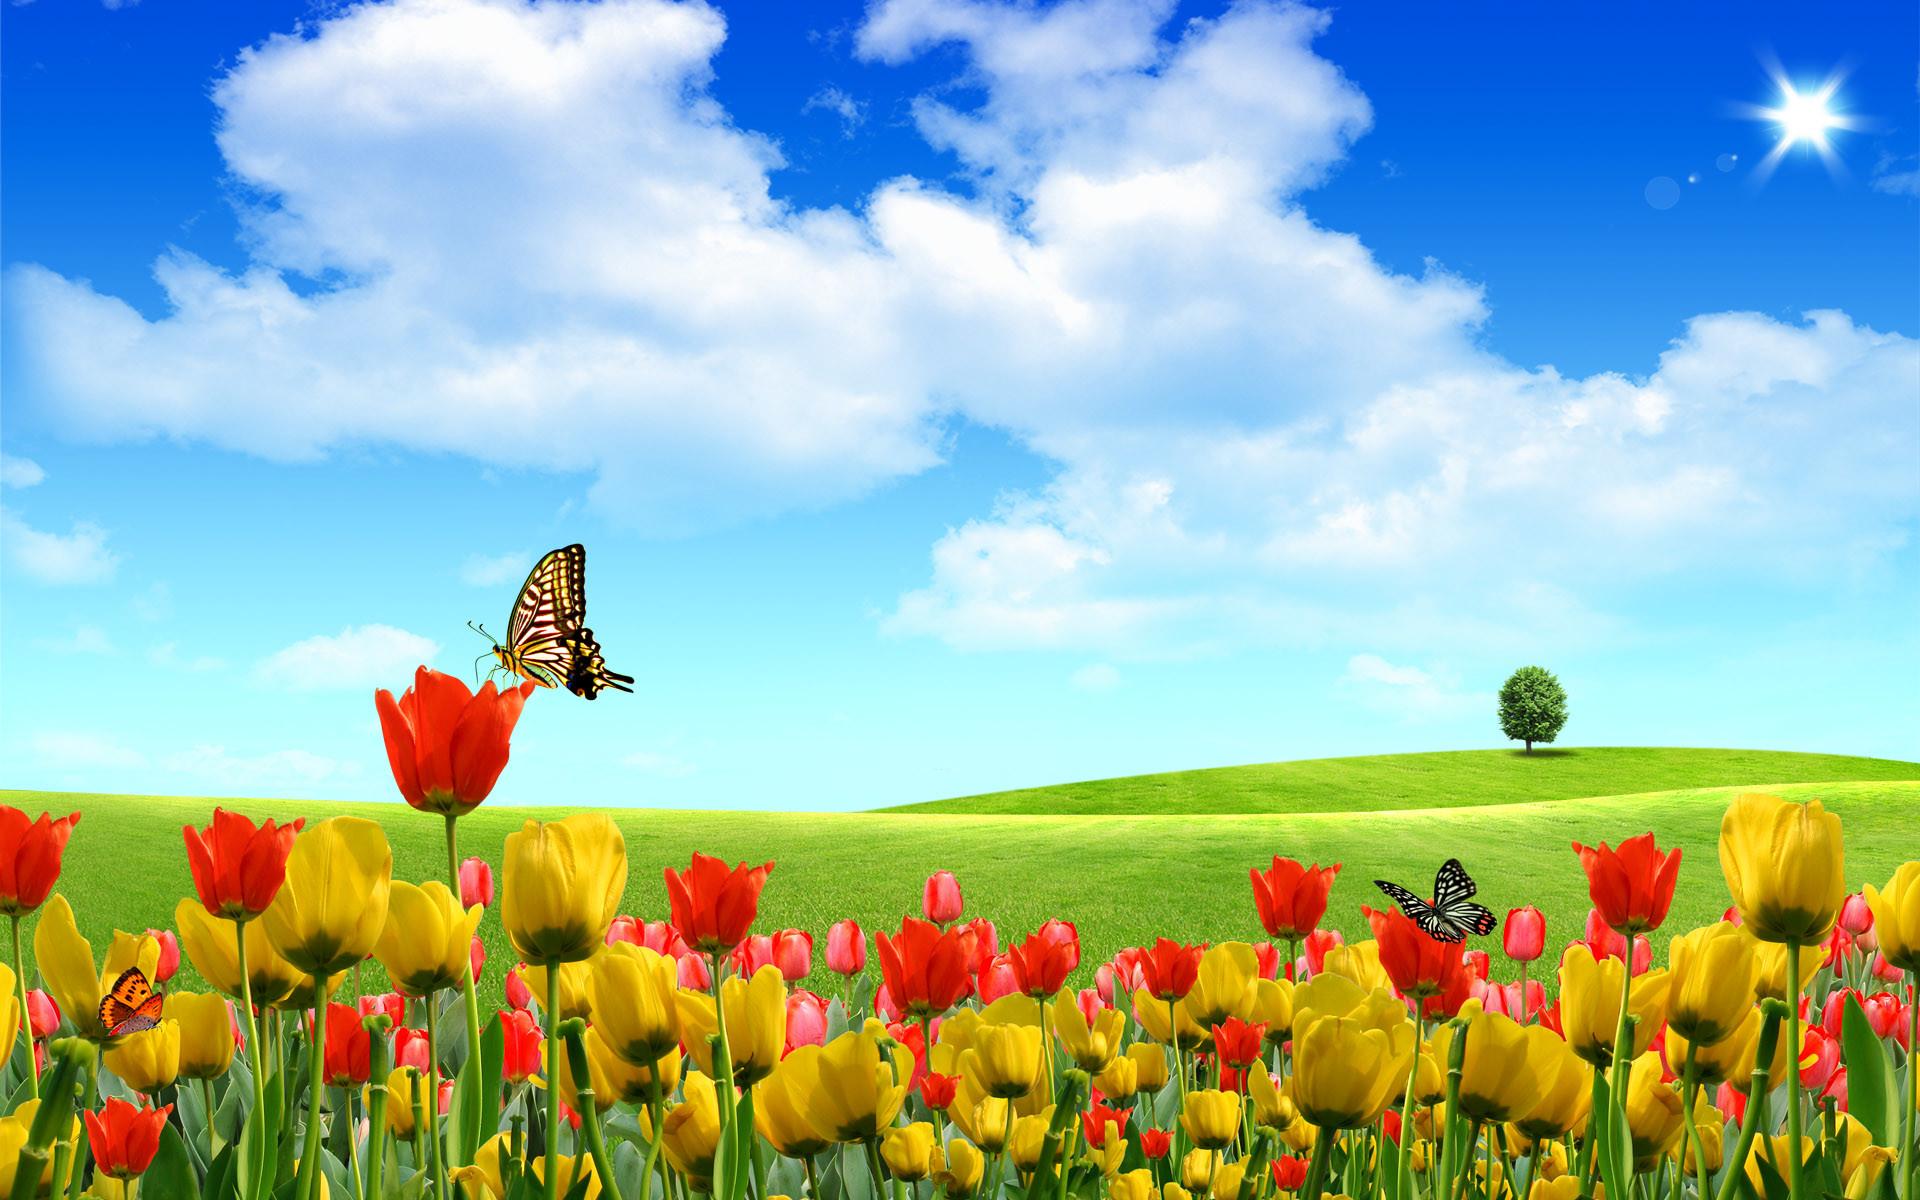 Hình ảnh về mùa xuân